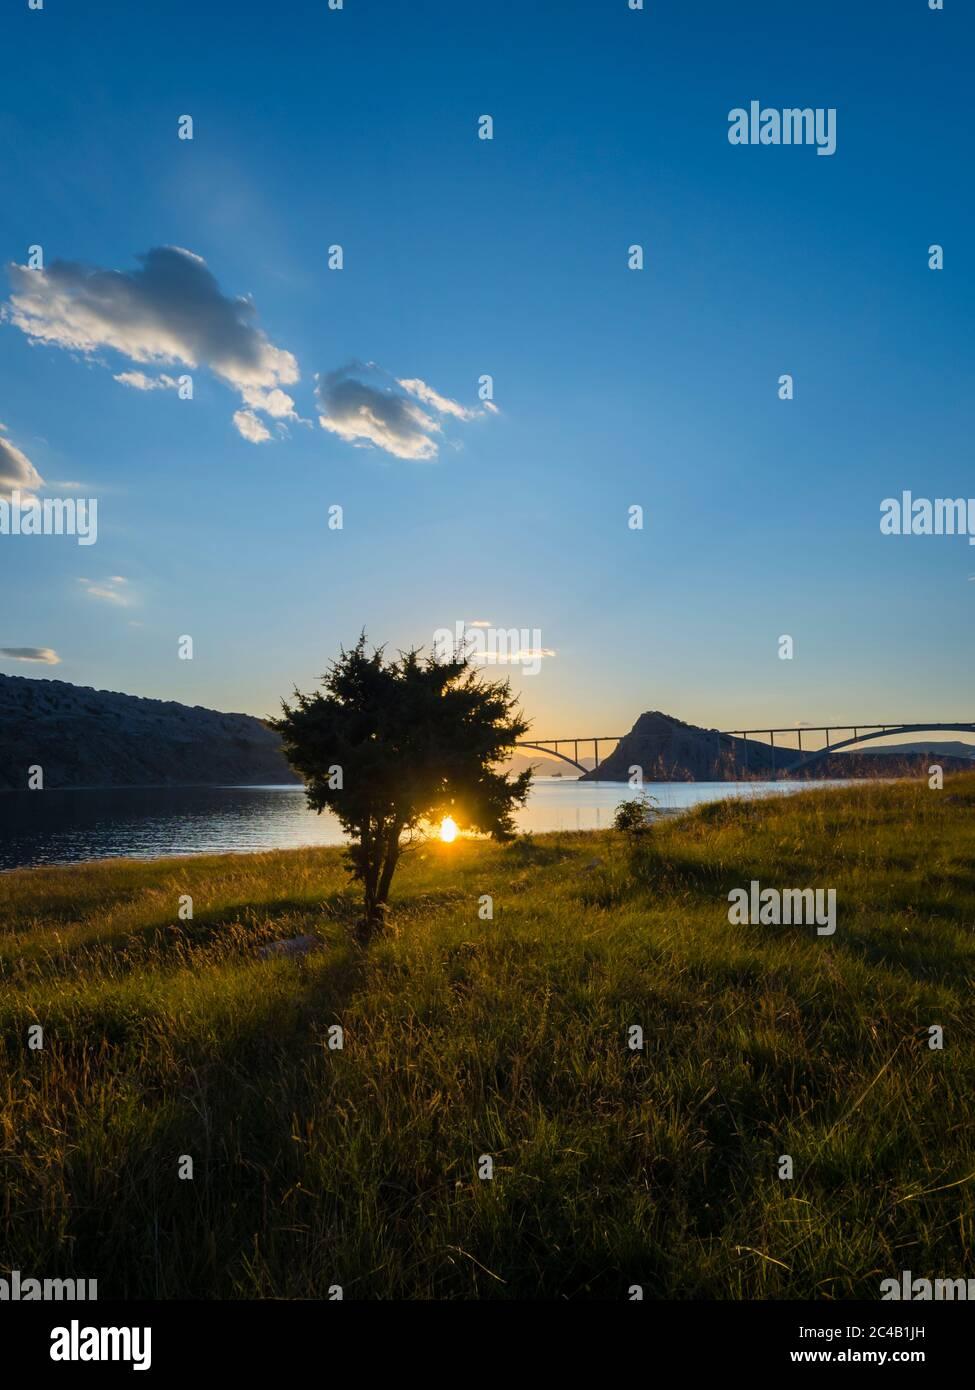 Sonnenuntergang Landschaft Silhouette Silhouetten Bäume Brücke Festland zur Insel Krk Kroatien Stockfoto